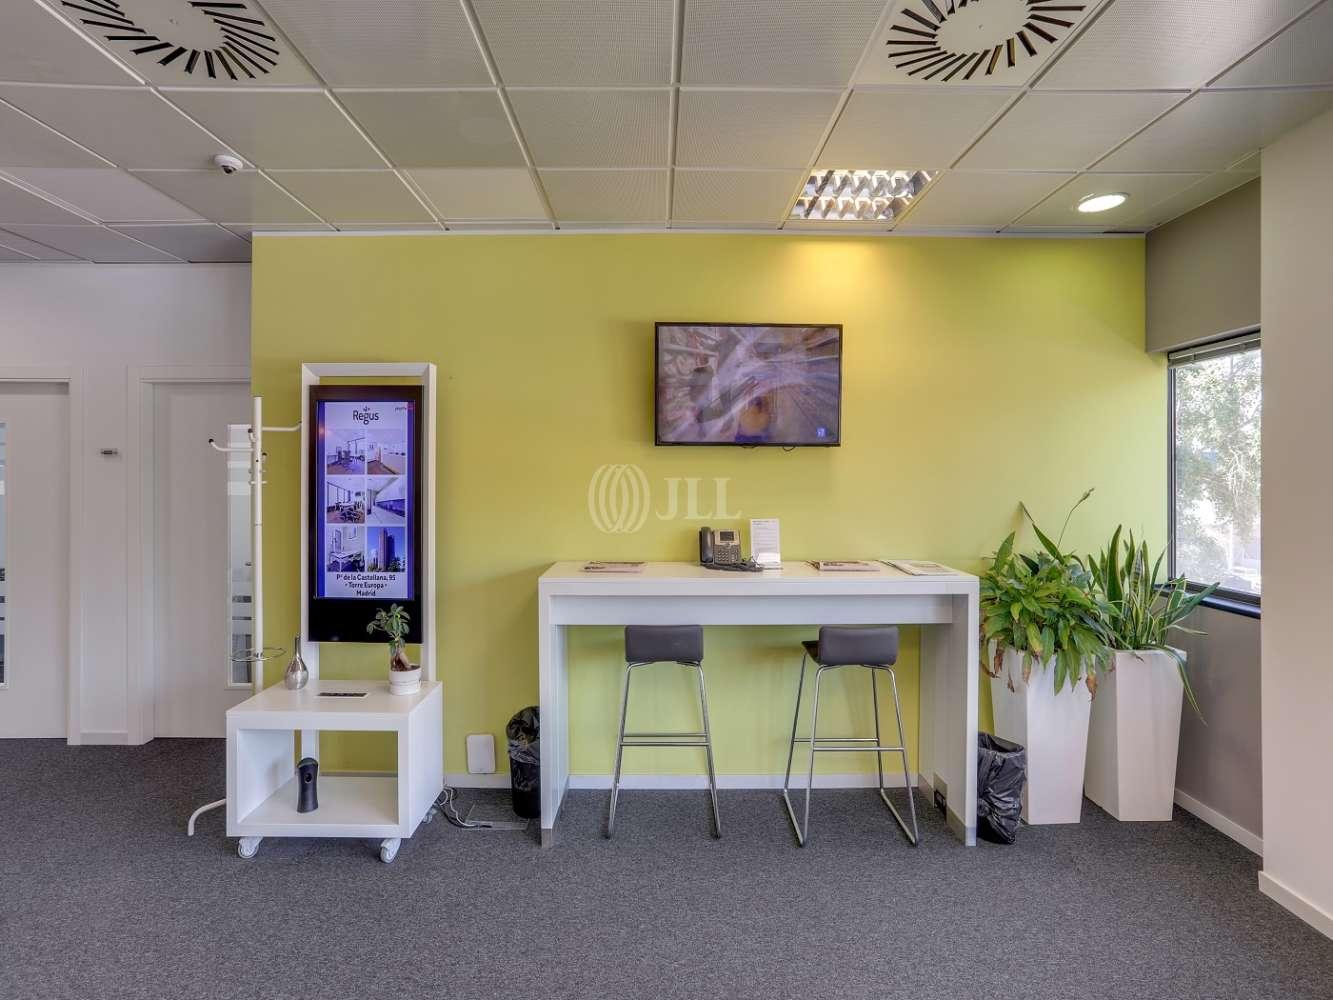 Oficina Las rozas de madrid, 28232 - Coworking - Las Rozas - 20150